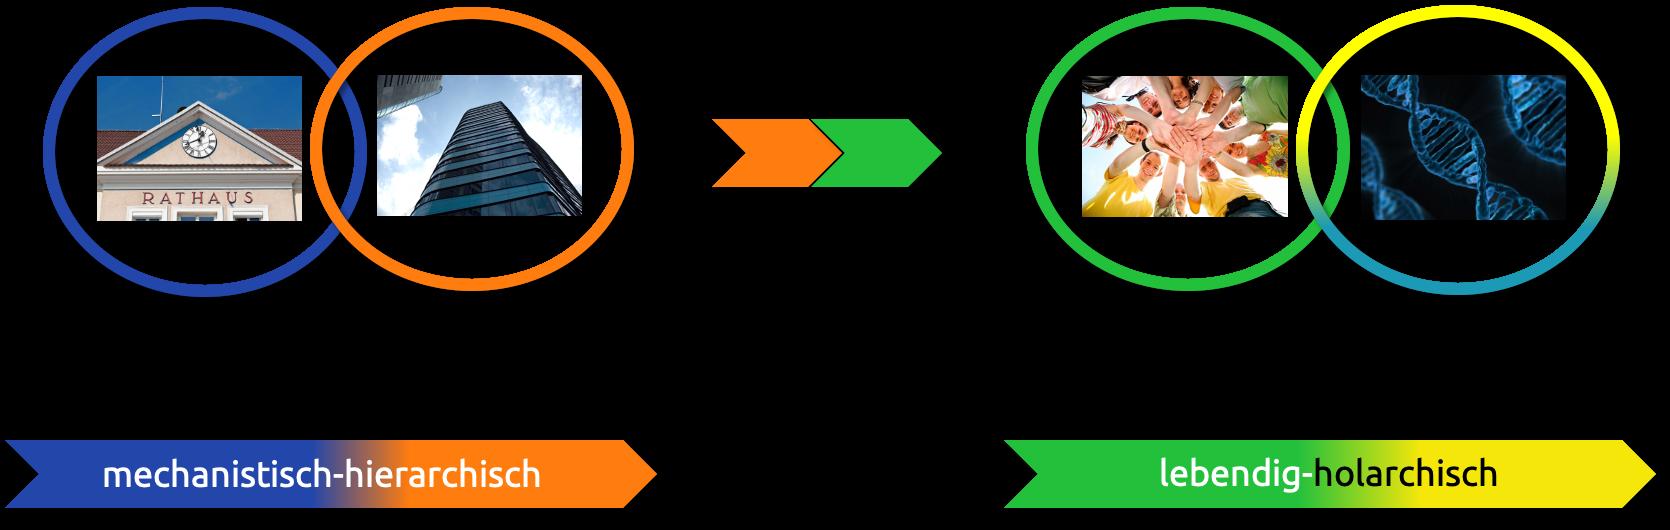 Paradigmenwechsel hin zu Mitverantworten und Mitentscheiden nach dem INU-Modell für Integral-Nachhaltige Unternehmensentwicklung